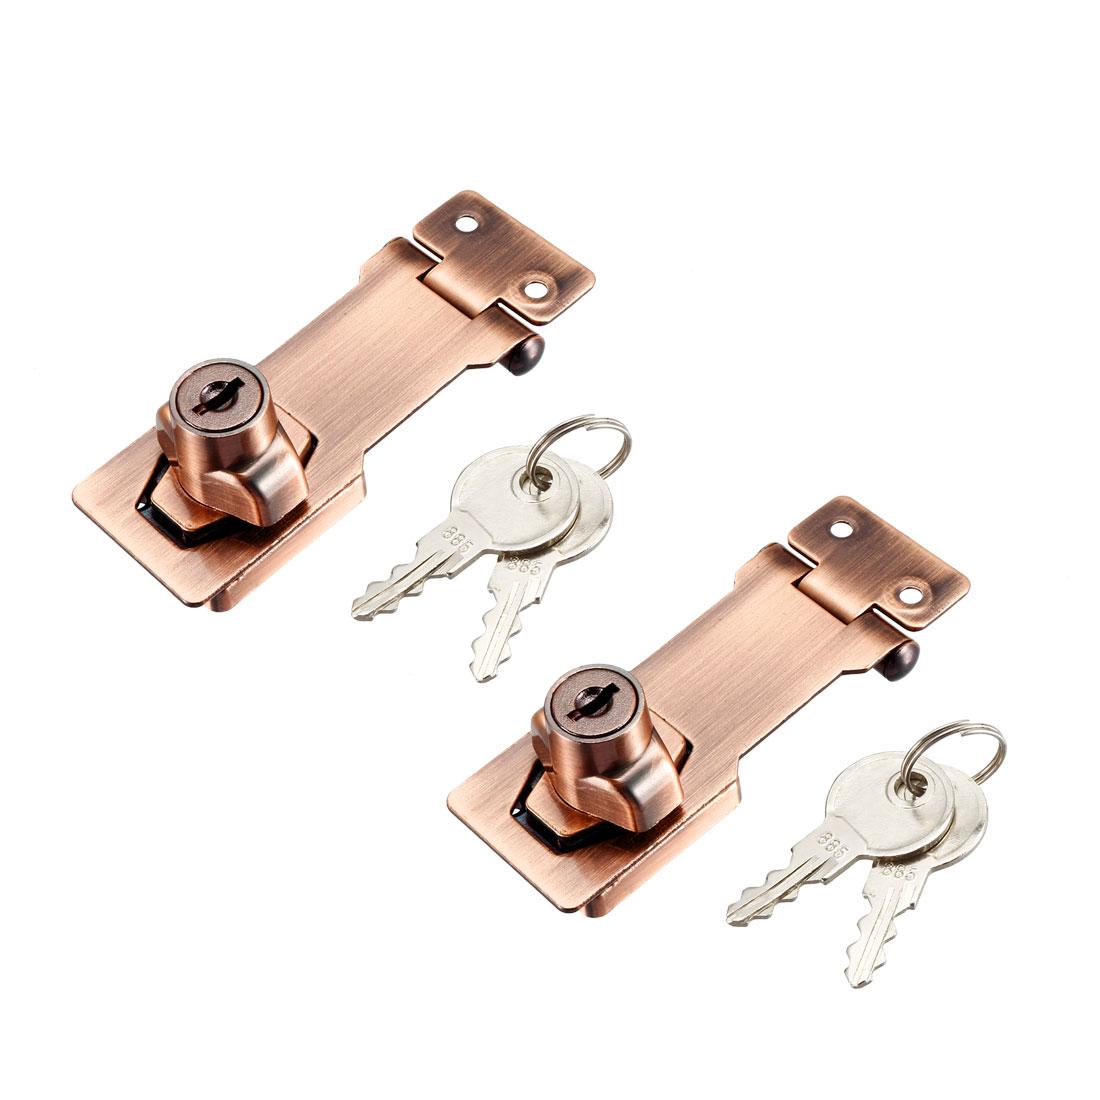 Keyed Hasp Lock 94mm Twist Knob Keyed Locking Hasp Red Copper Tone 2 Pcs